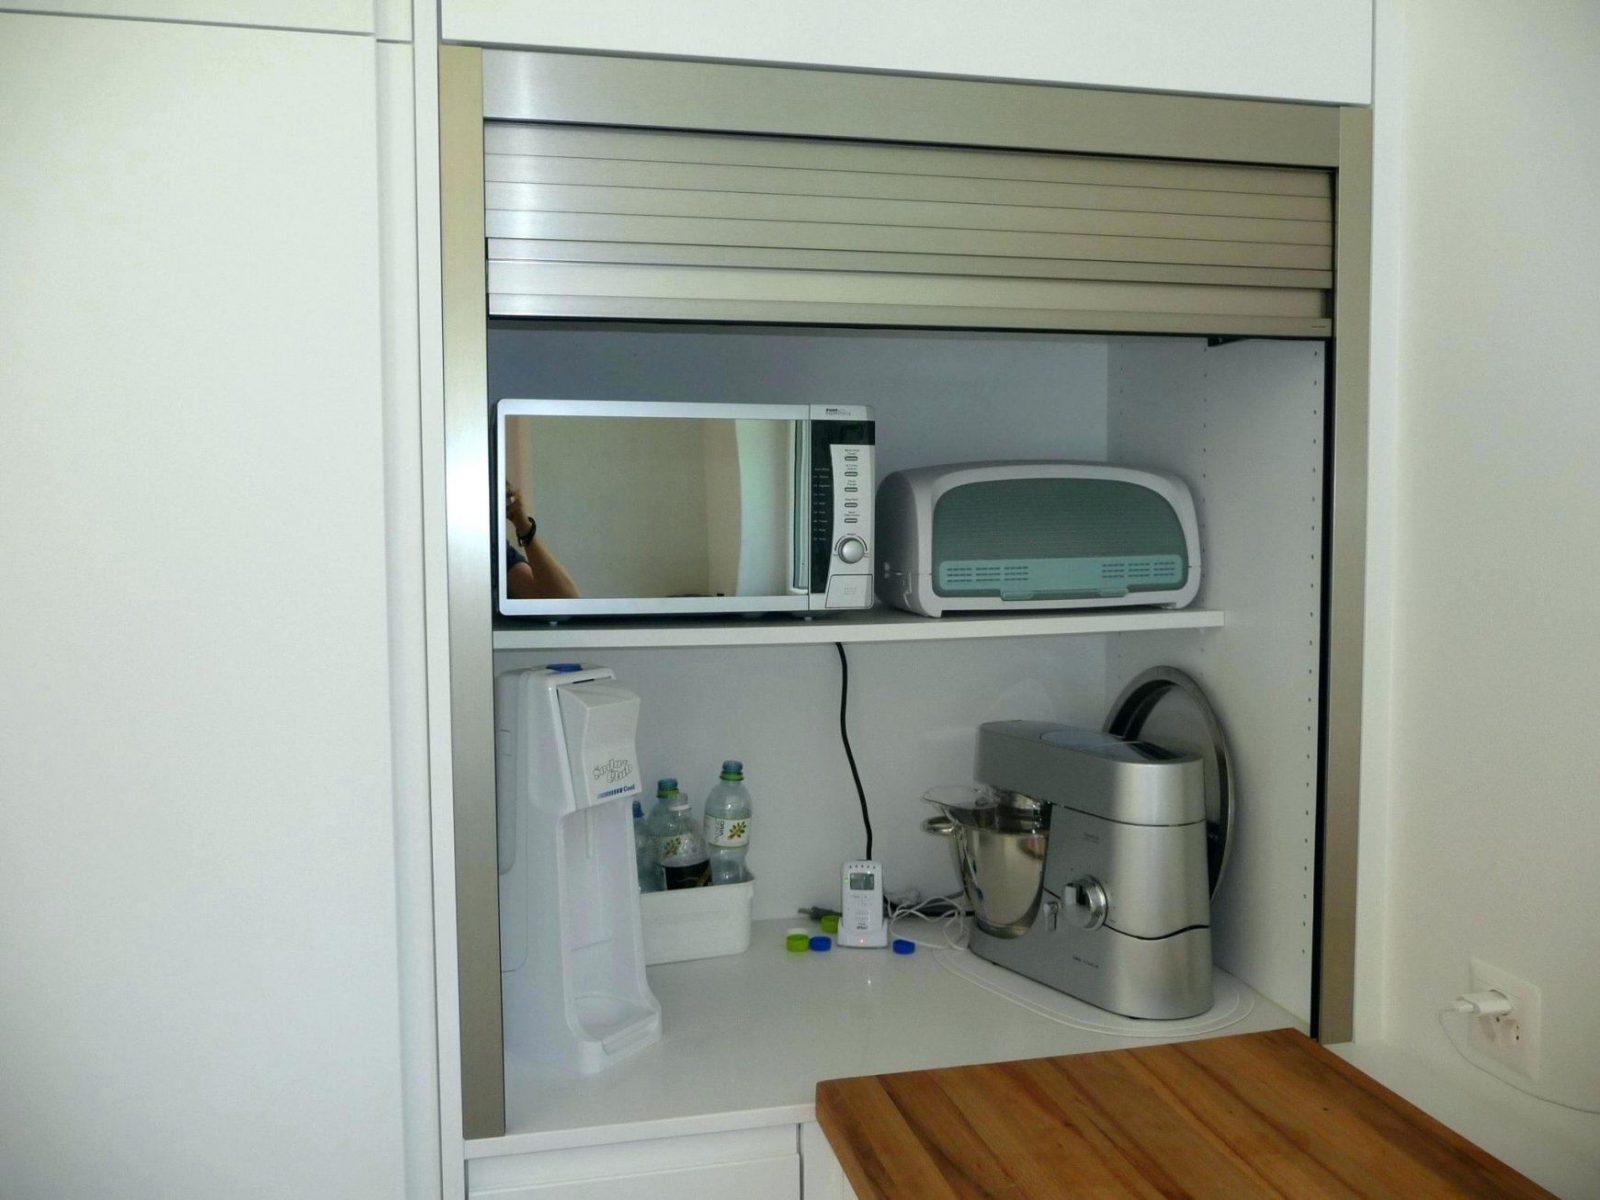 Jalousie Bambus Hier Eine Variante Aus Rollo Weiss 180 Breit Ikea von Rollo 180 Breit Ikea Photo